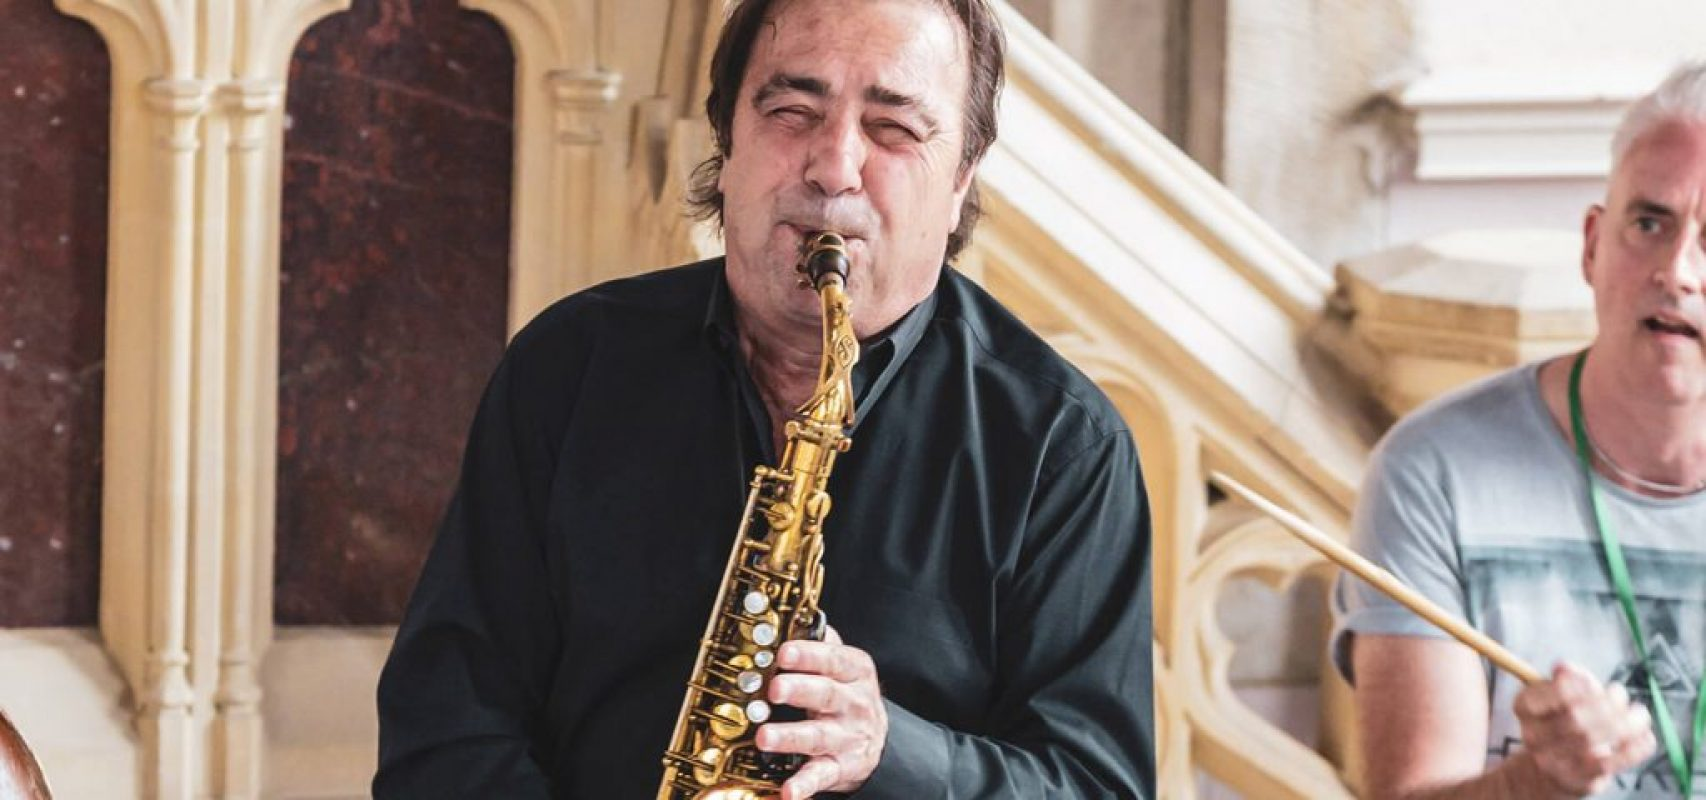 Greg Abate | Swanage Jazz Festival 2020